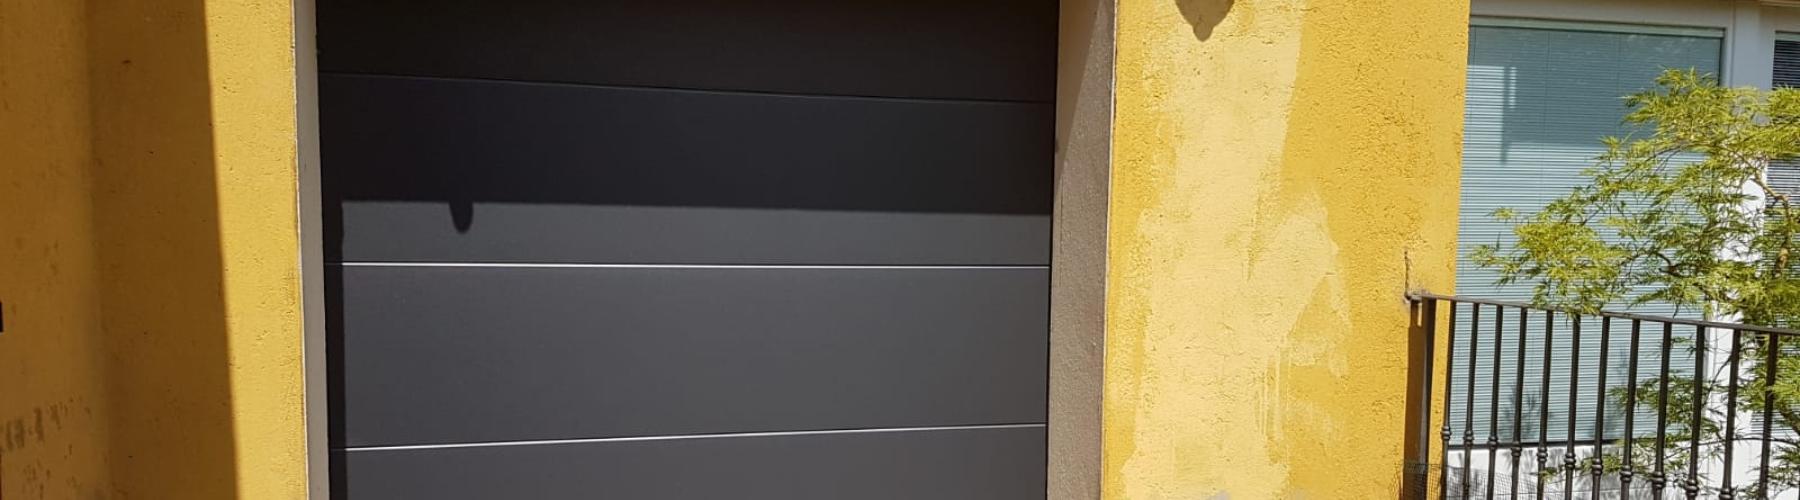 Nuova porta sezionale residenziale: Immagine Header